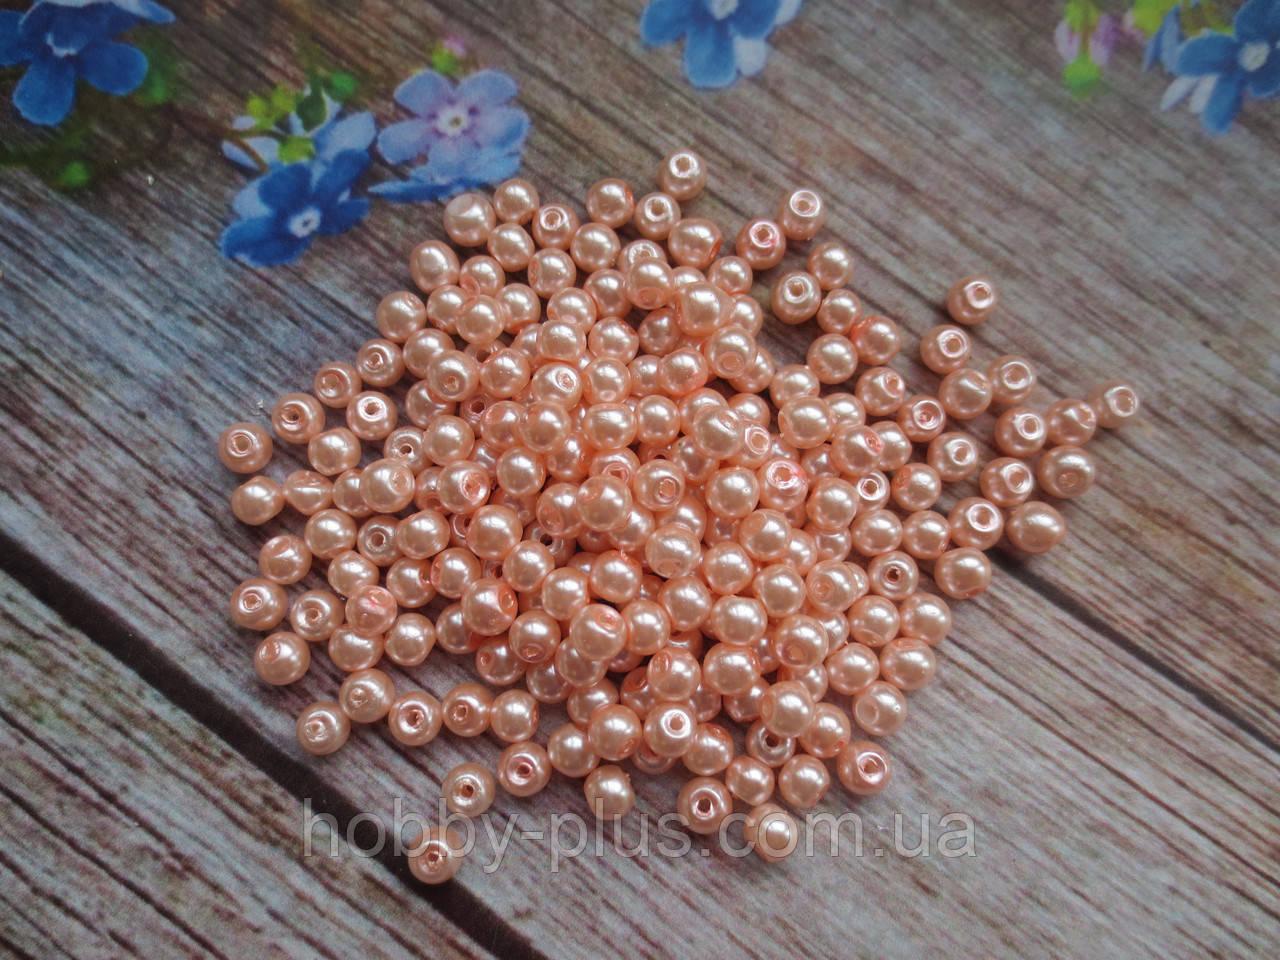 Бусины стеклокерамика, d 4 мм, (~225 шт), цвет персиковый